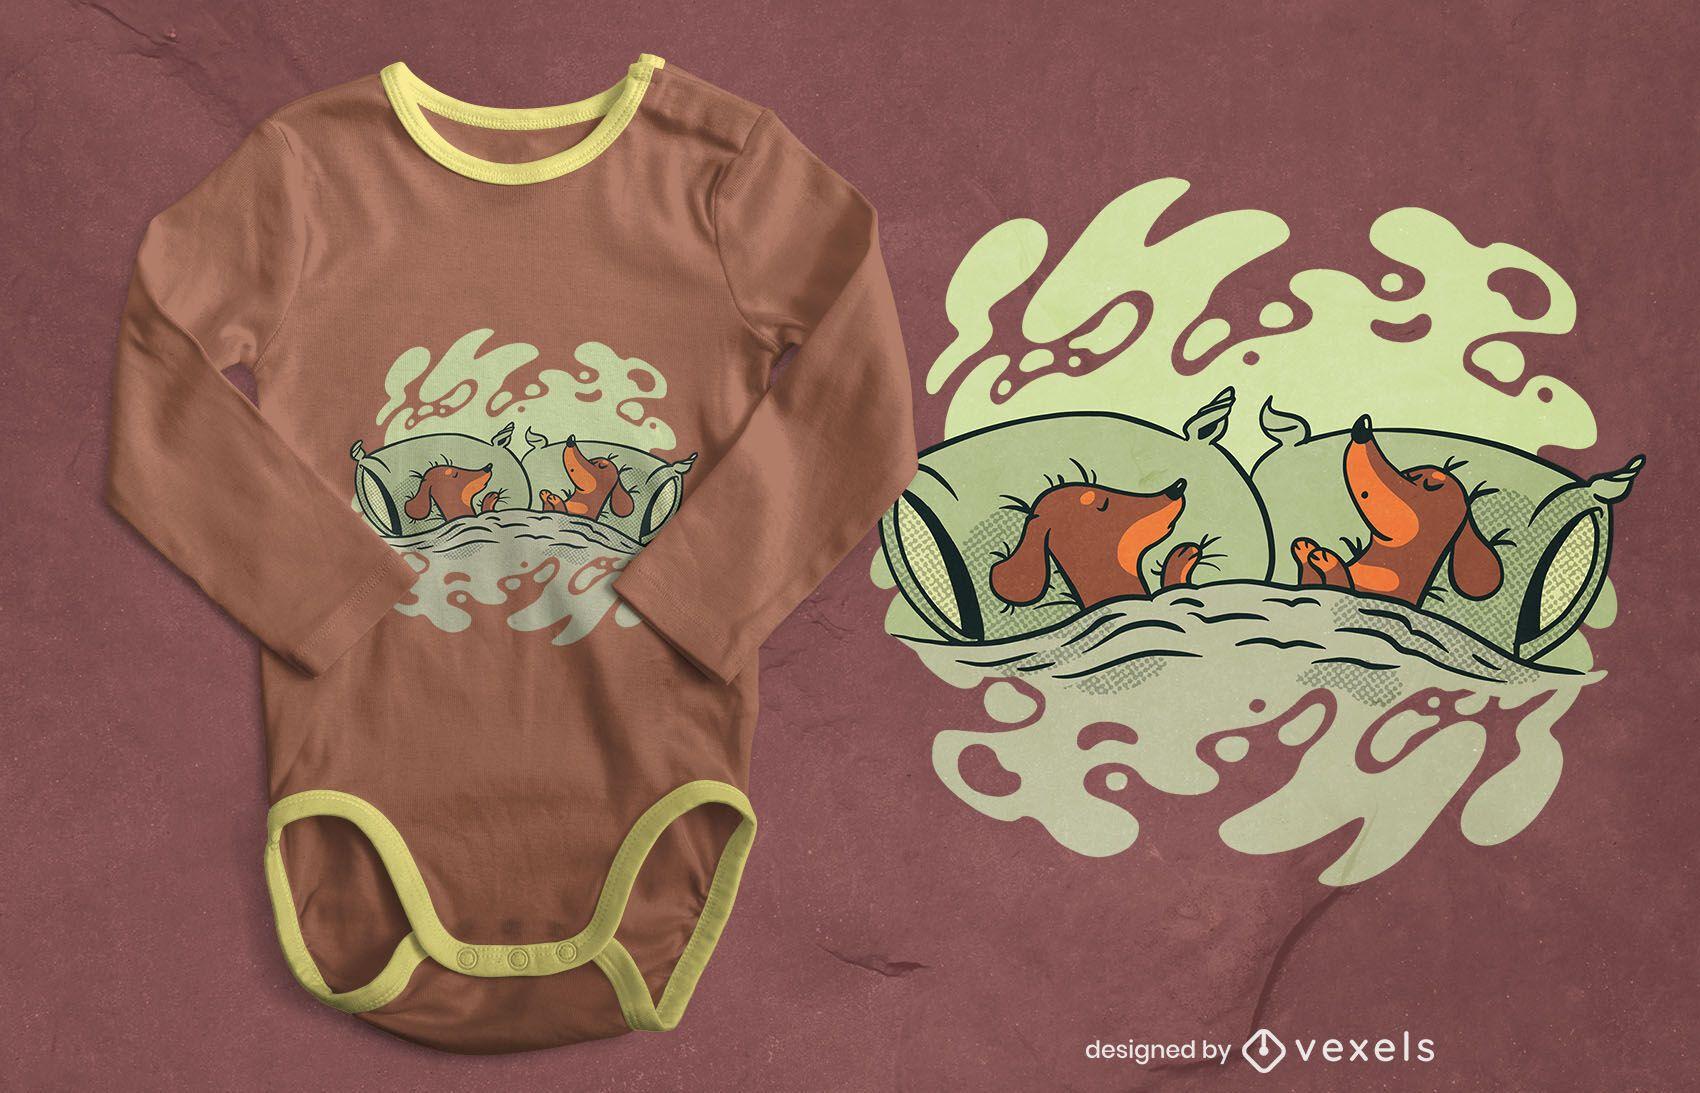 Sleeping dachshunds t-shirt design